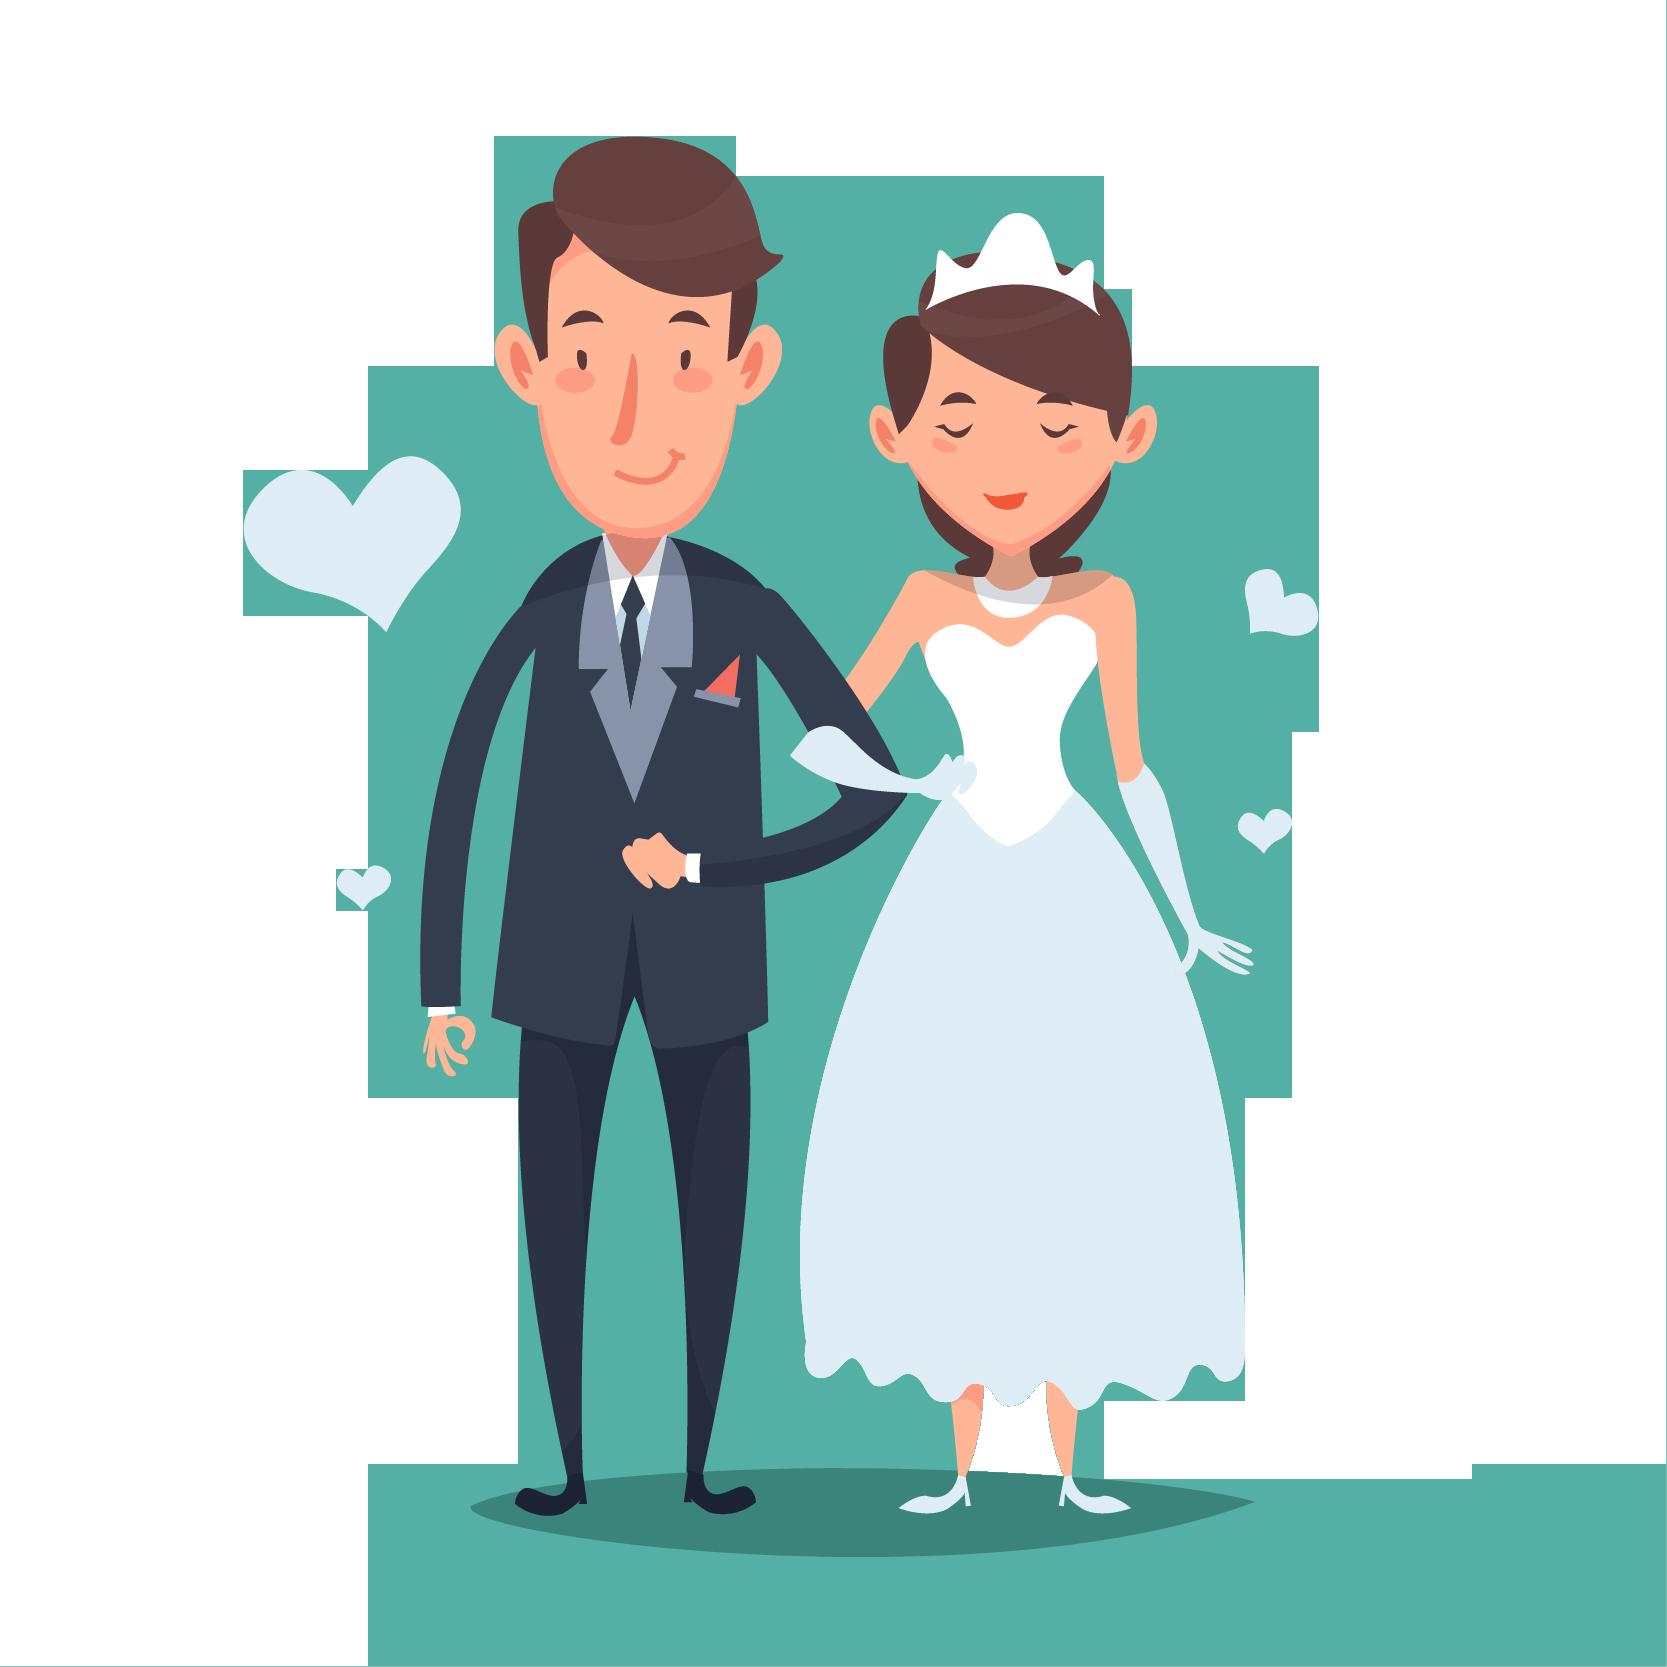 wedding cartoon poster 11 بوستر عريس وعروسة كرتون للفرح